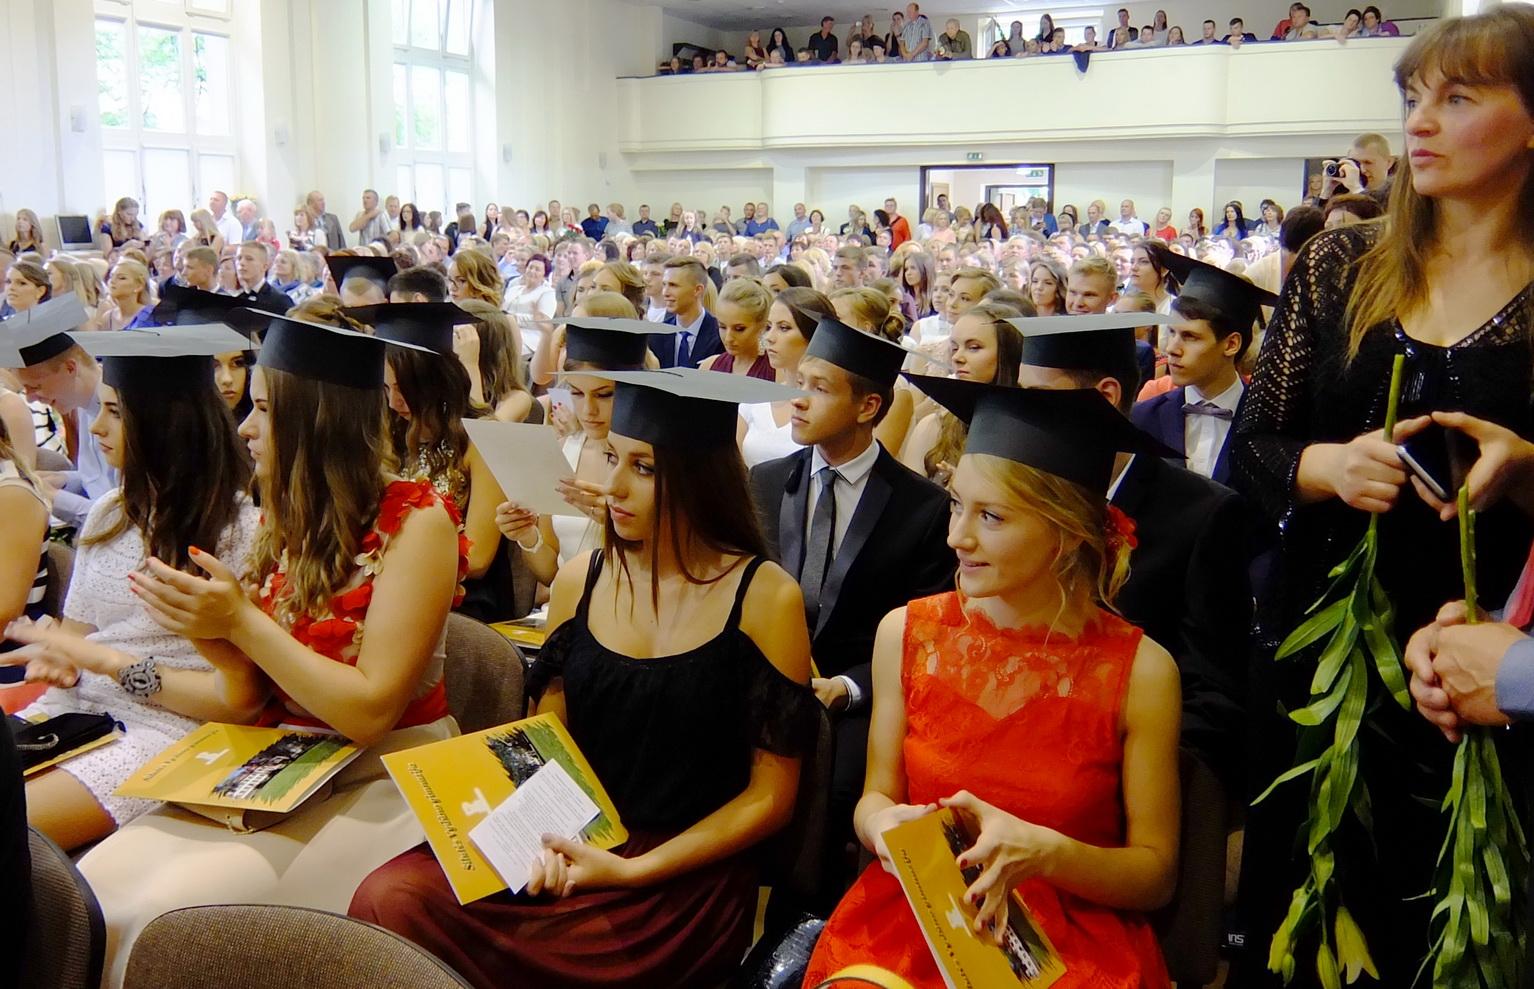 Praėjusį rugsėjį į Šilutės Vydūno gimnaziją susirinko 464 moksleiviai, šį mėnesį atsisveikinta su 113 abiturientų.